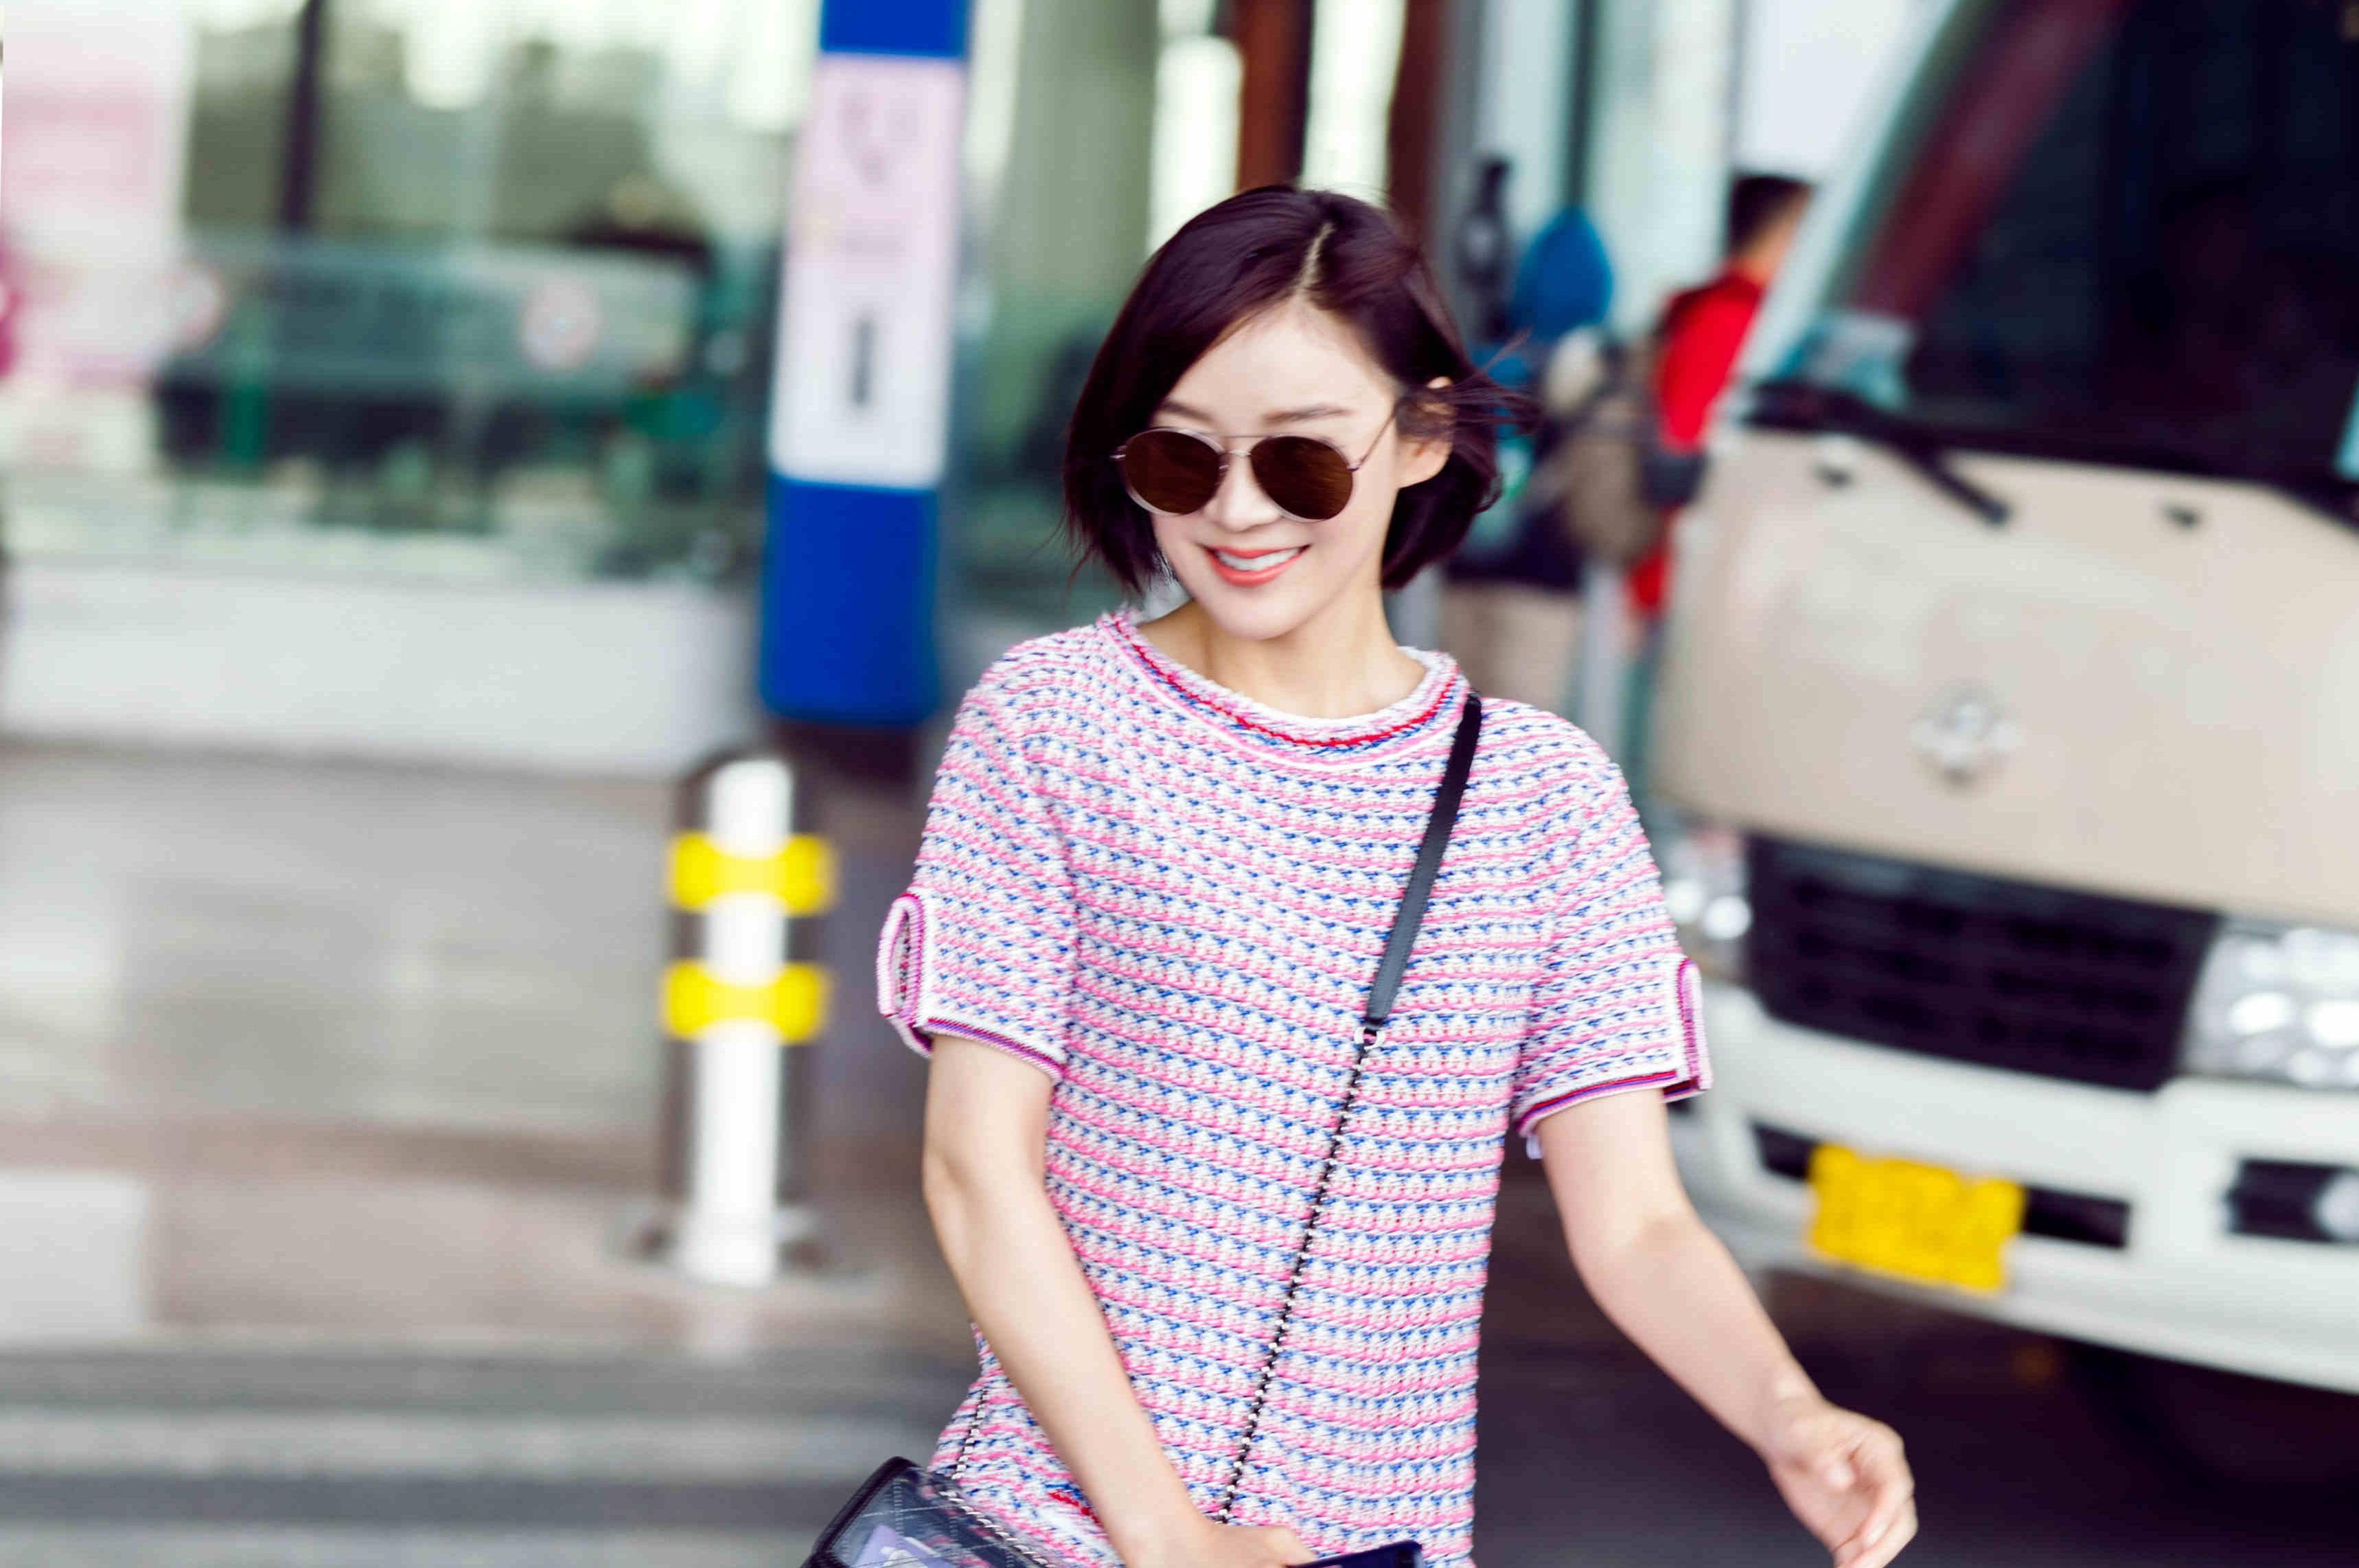 而袁姗姗活力的短发发型,以及百搭的小白鞋搭配起这条短裙却十分和谐图片